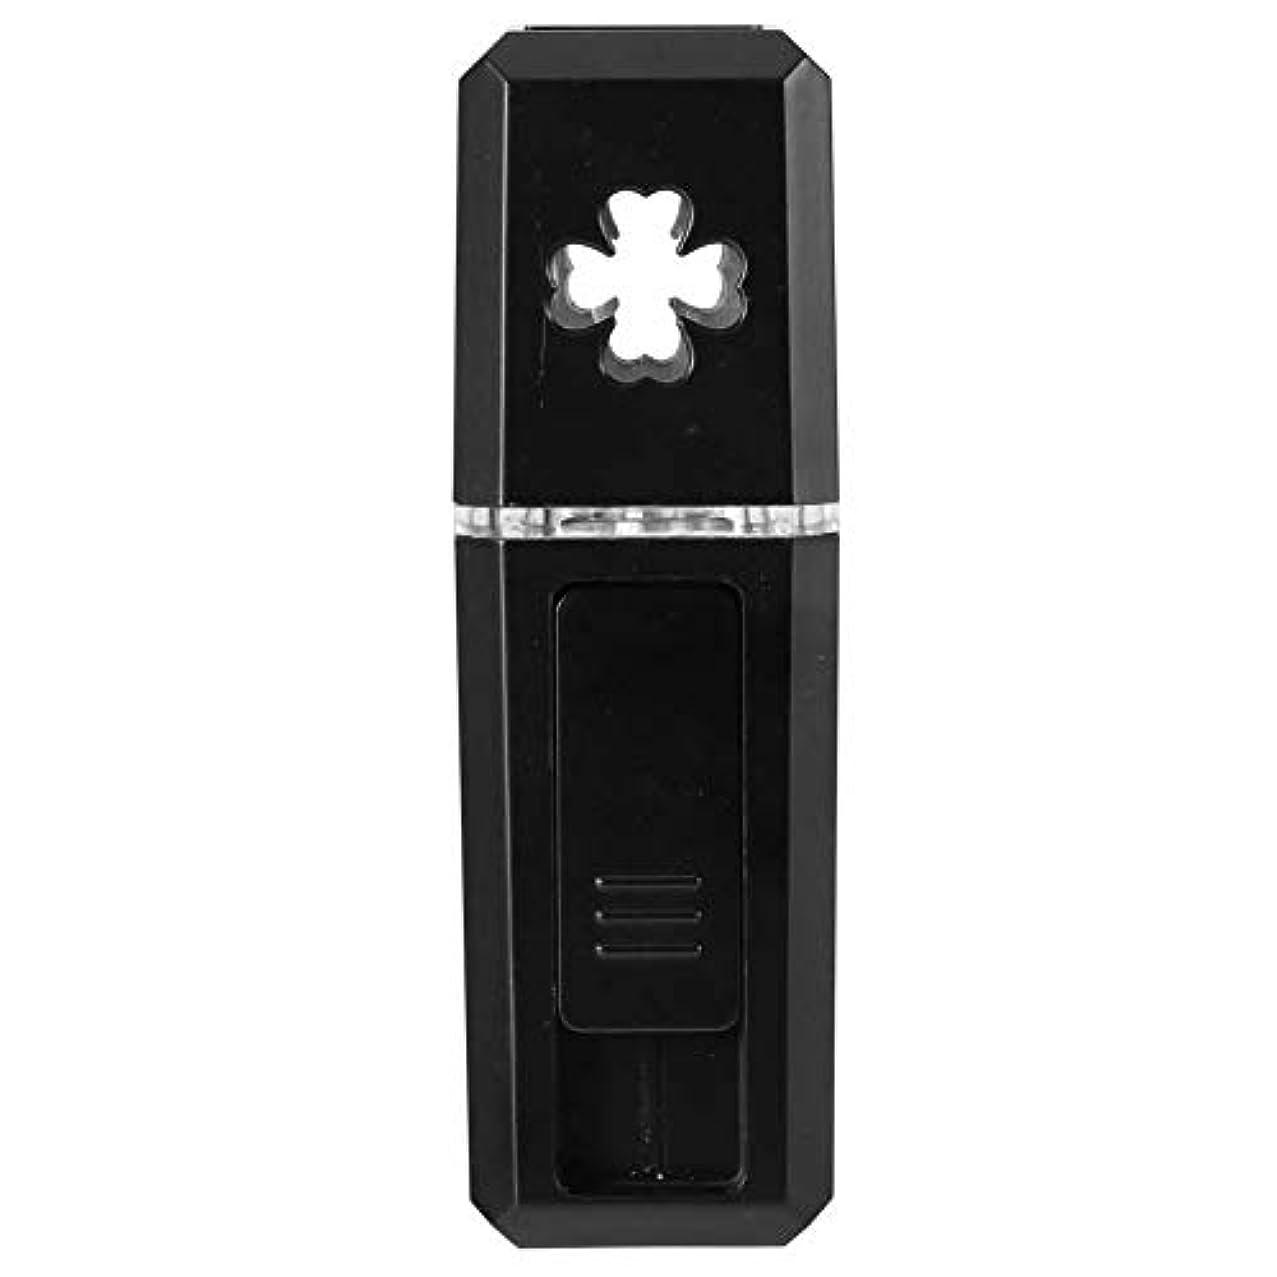 結婚ロッカー克服する20ml口紅サイズミスト噴霧器、USB充電で保湿する便利なナノ噴霧機(02)